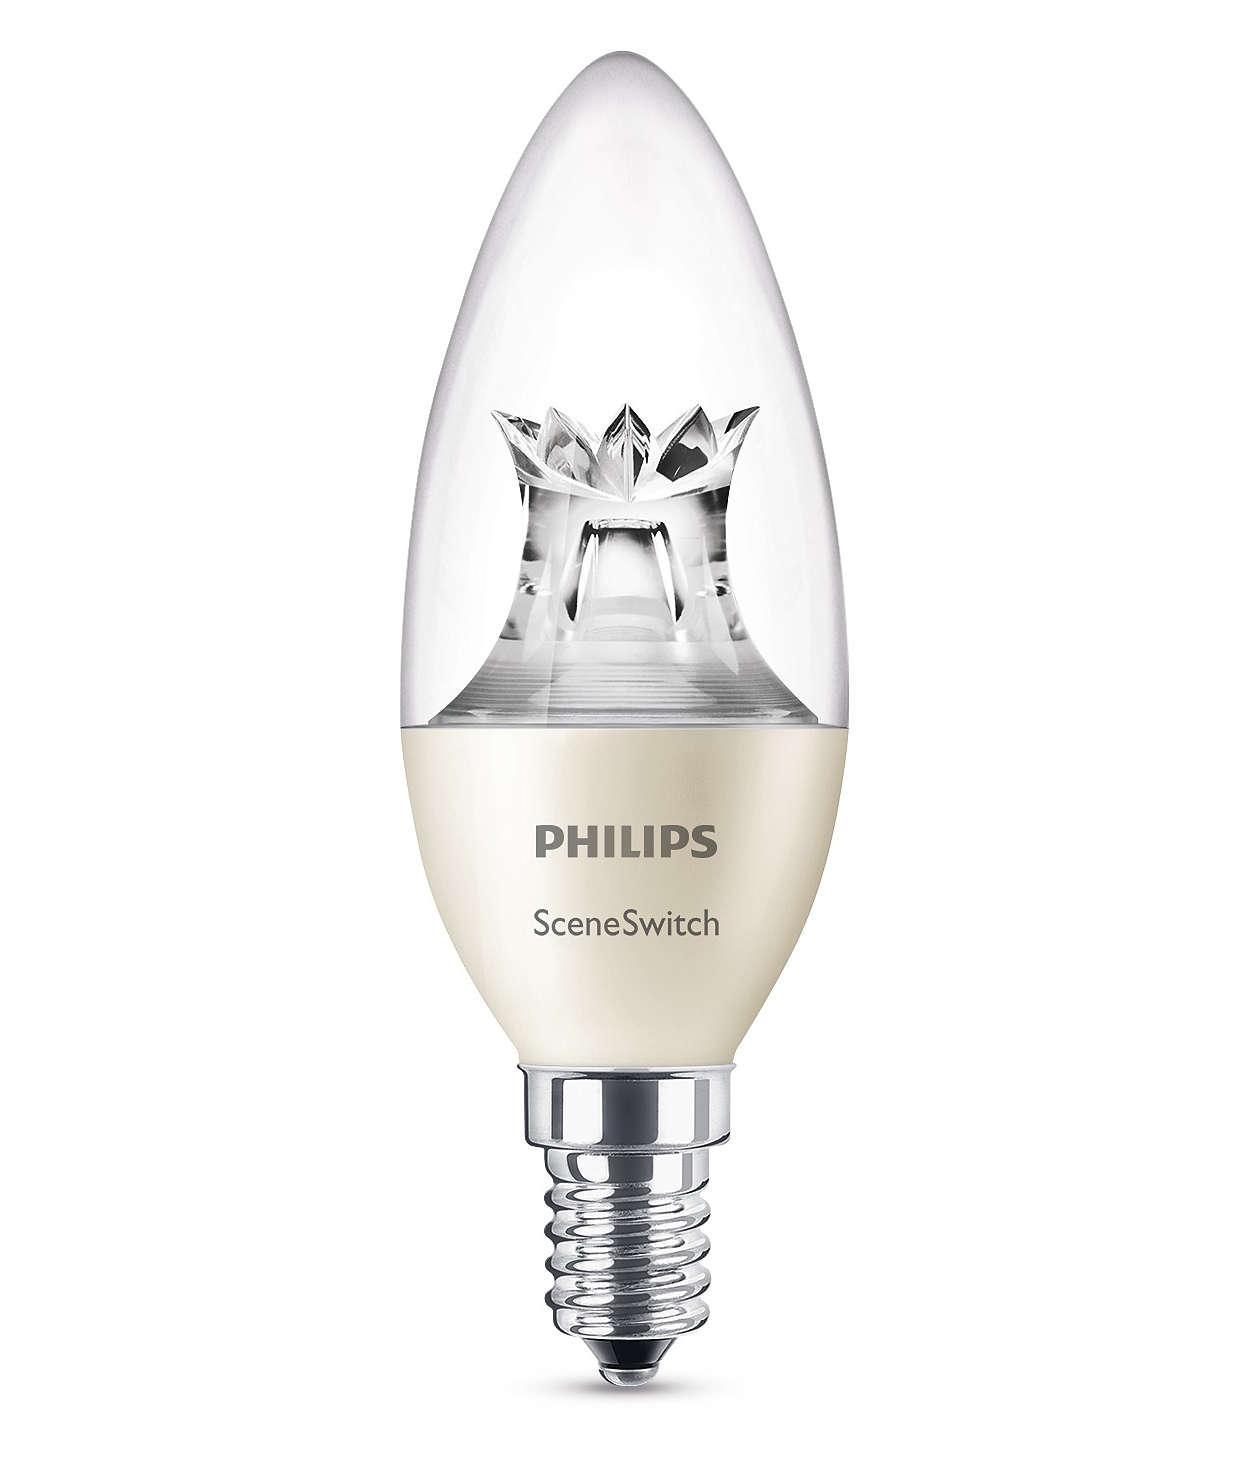 Una bombilla vela, tres ajustes de iluminación